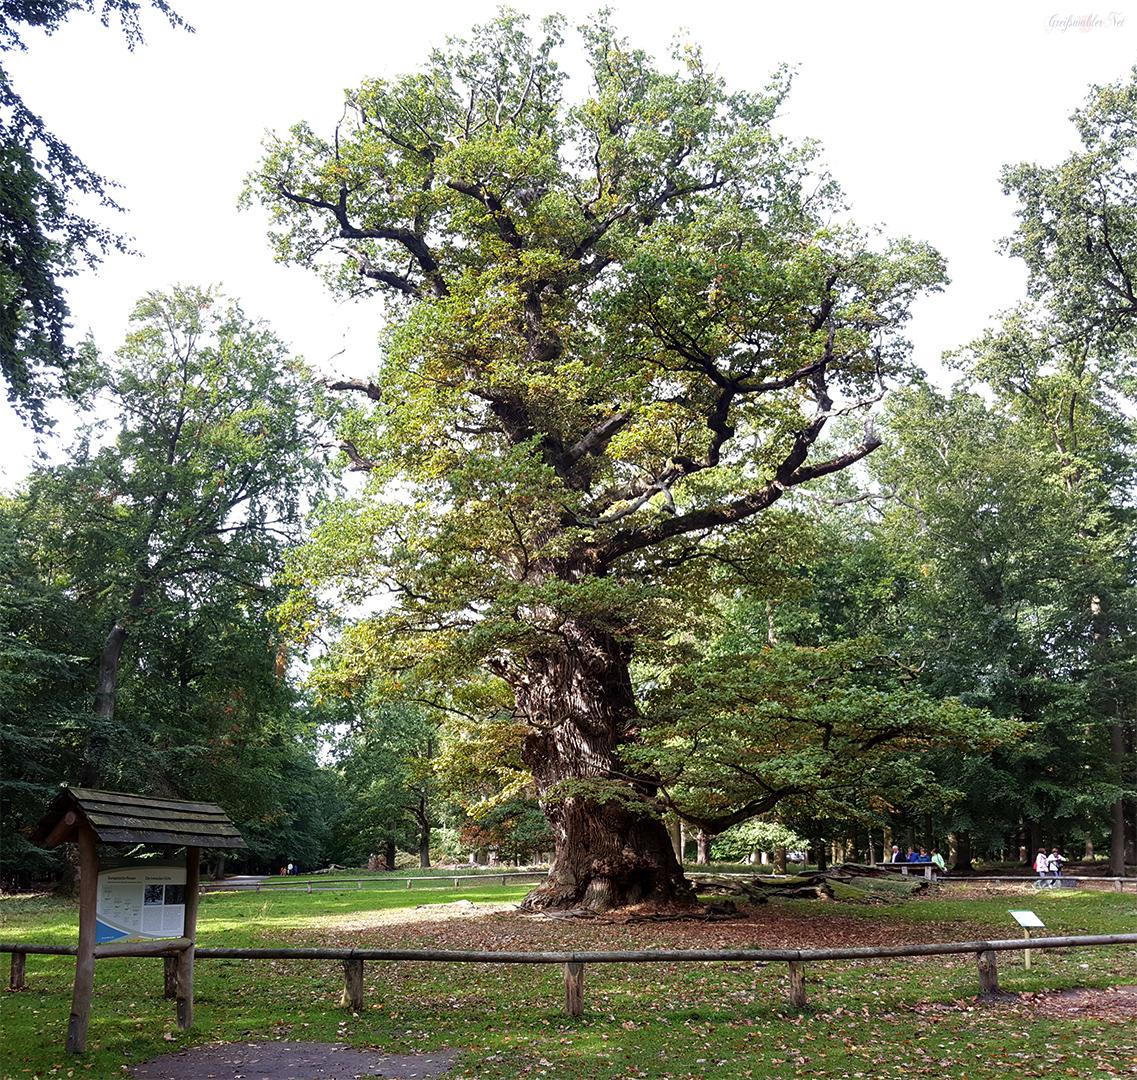 Ivenacker Eichen und Baumkronenpfad